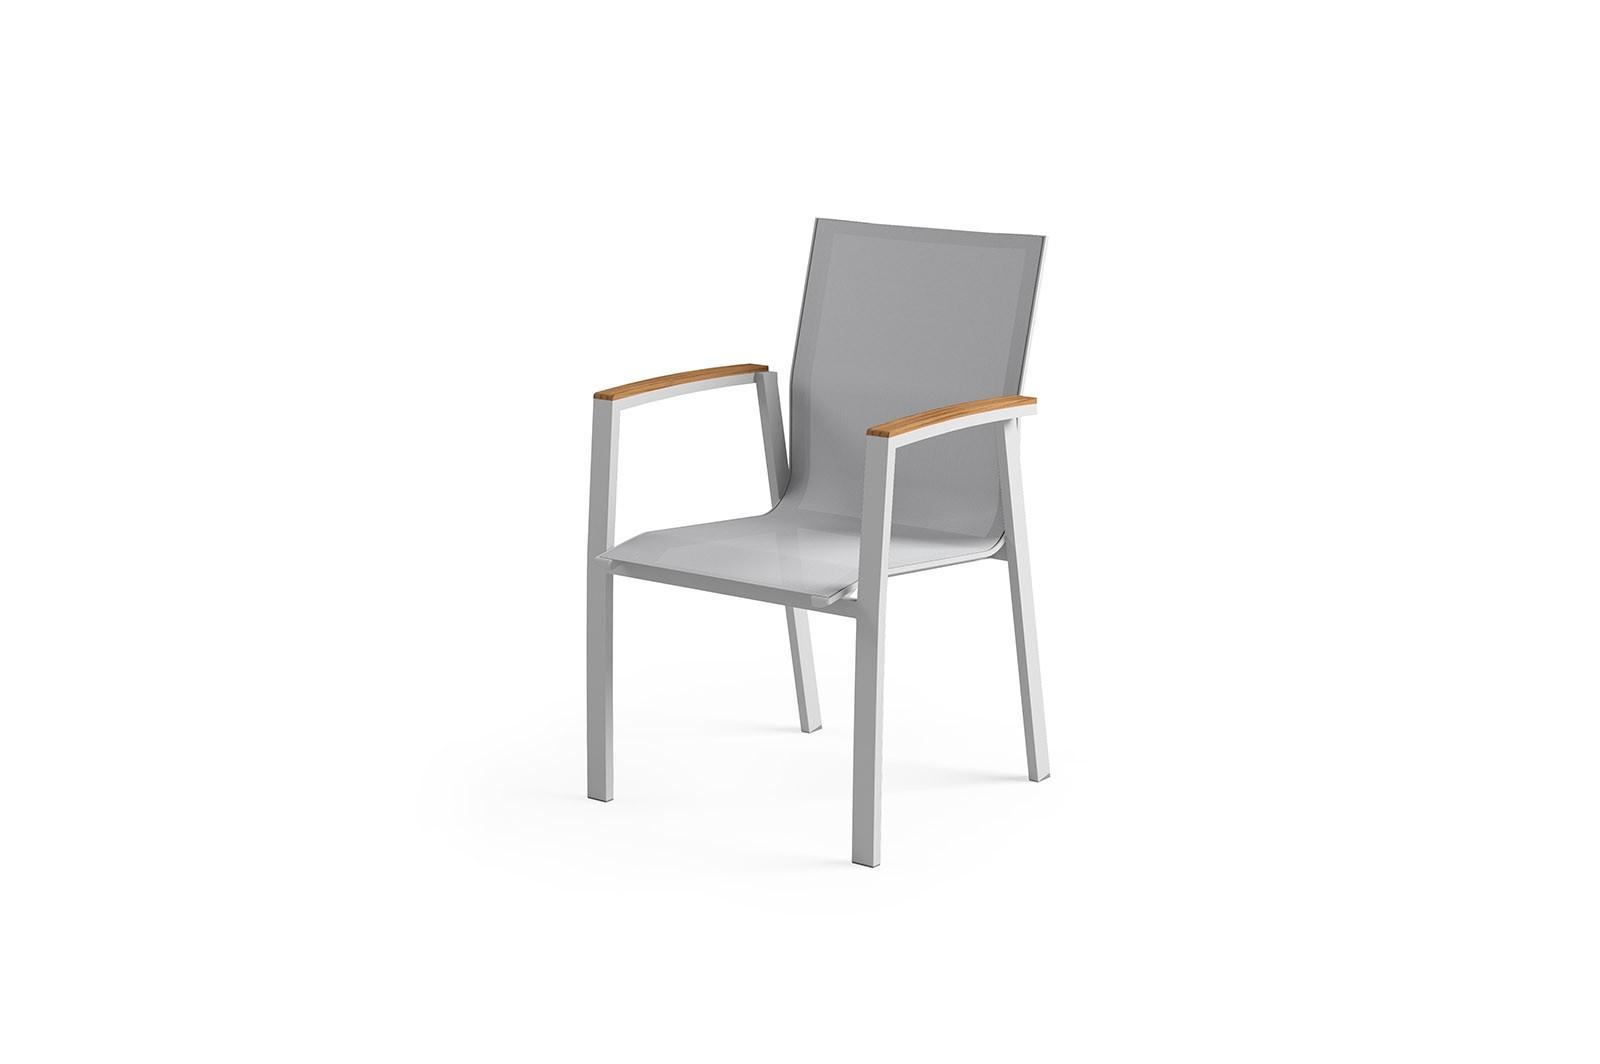 krzesła balkonowe LEON